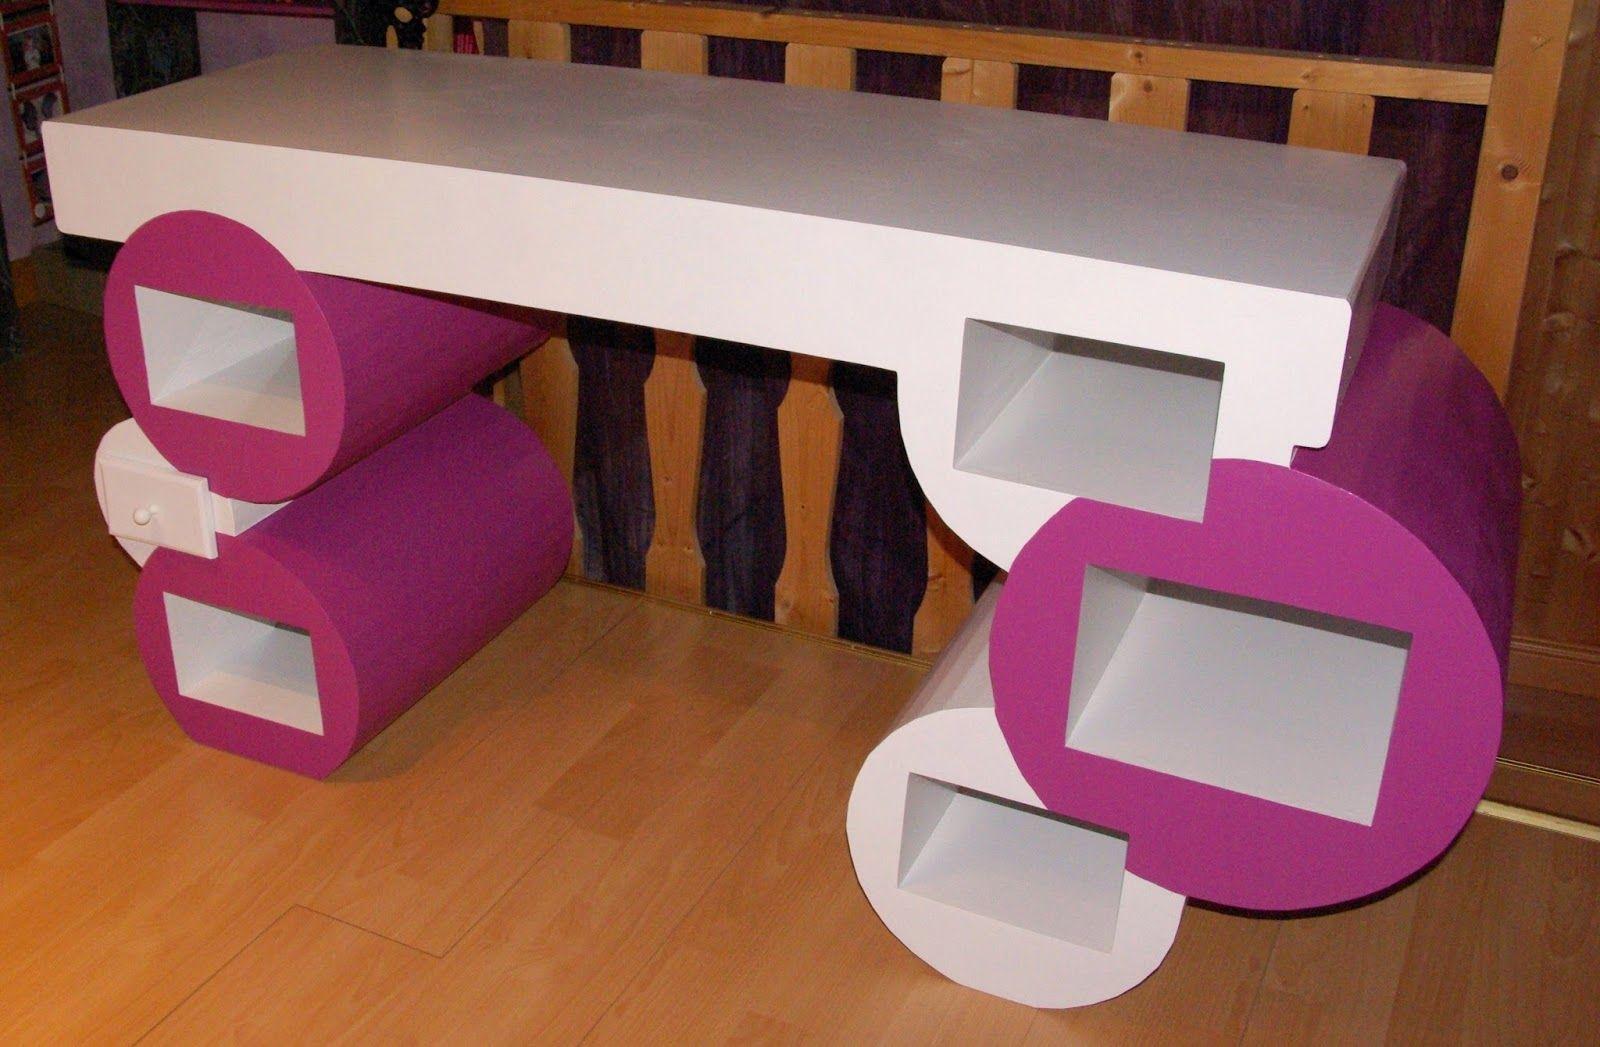 Sabine créa carton bureau en carton meuble cart